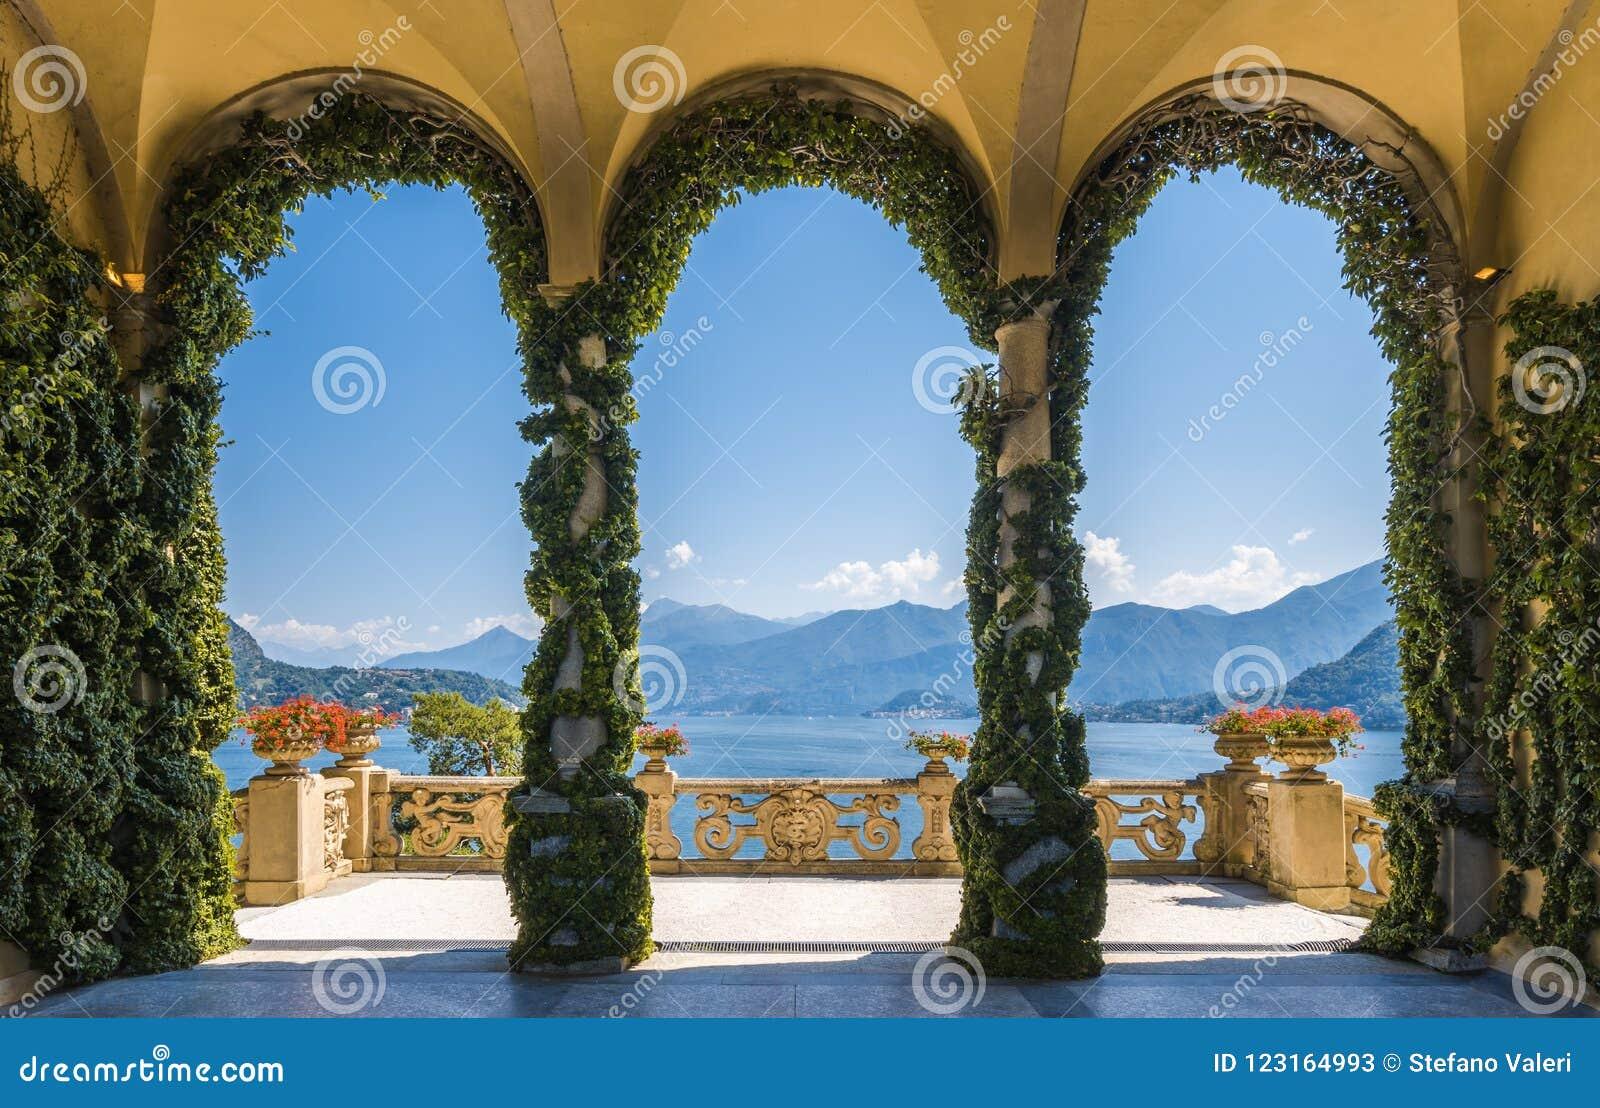 Lago de desatención Como del balcón escénico en el Villa famoso del Balbianello, en el comune de Lenno Lombardía, Italia